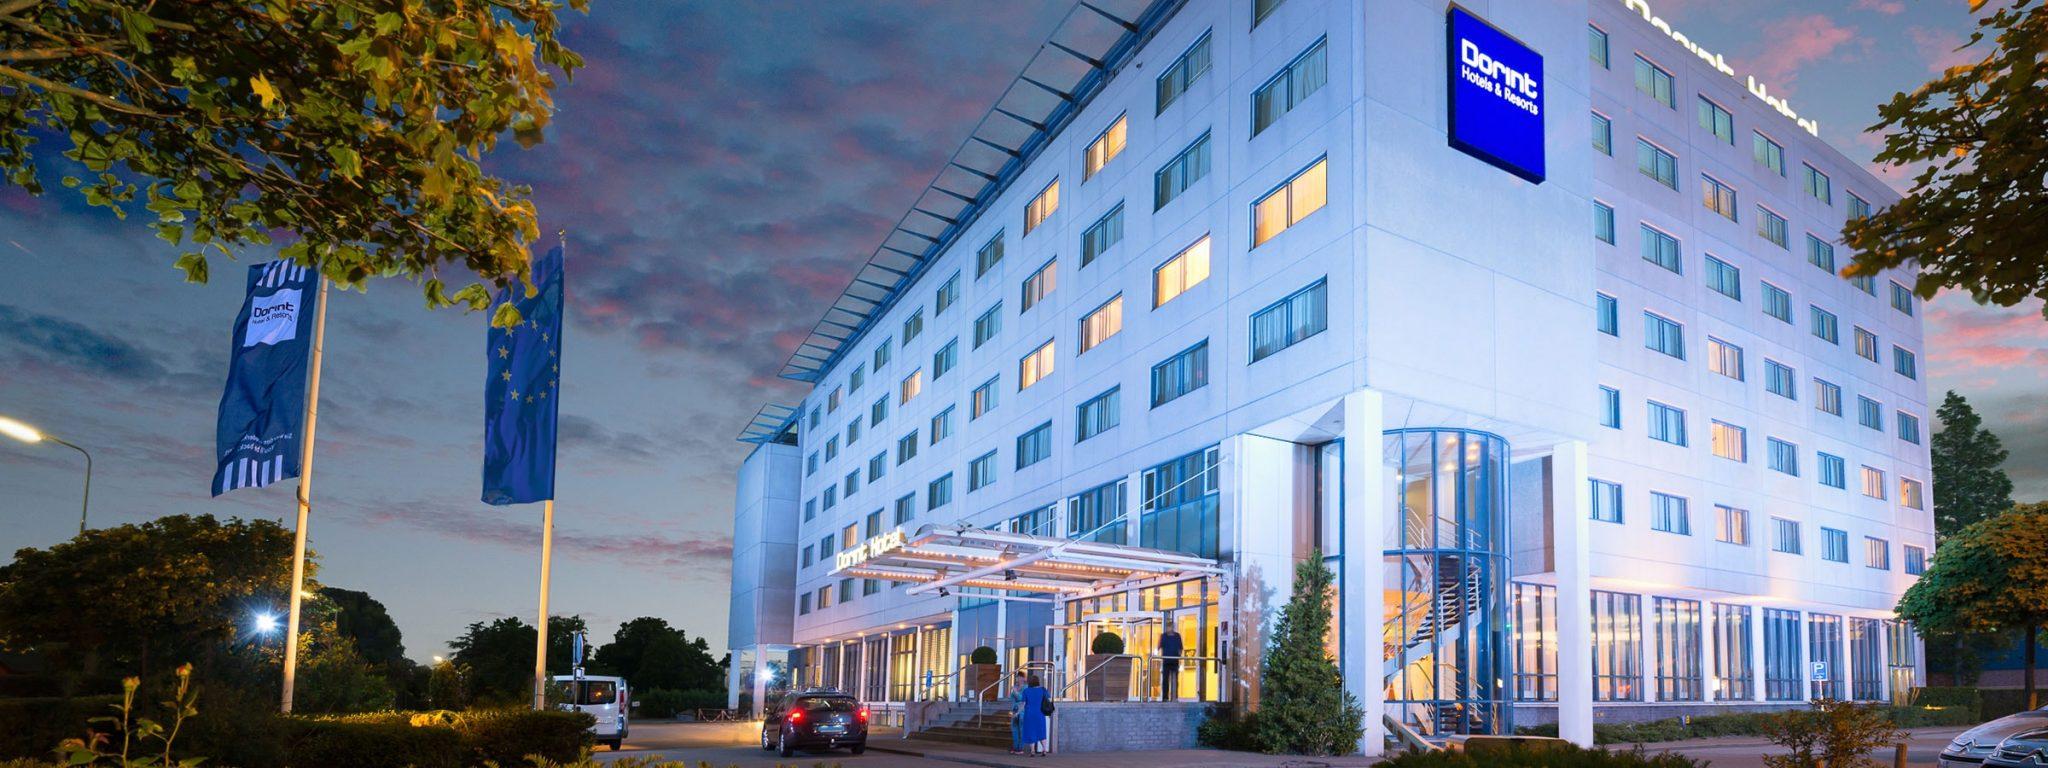 Dorint Airport Hotel Amsterdam Business Hotels Dorint